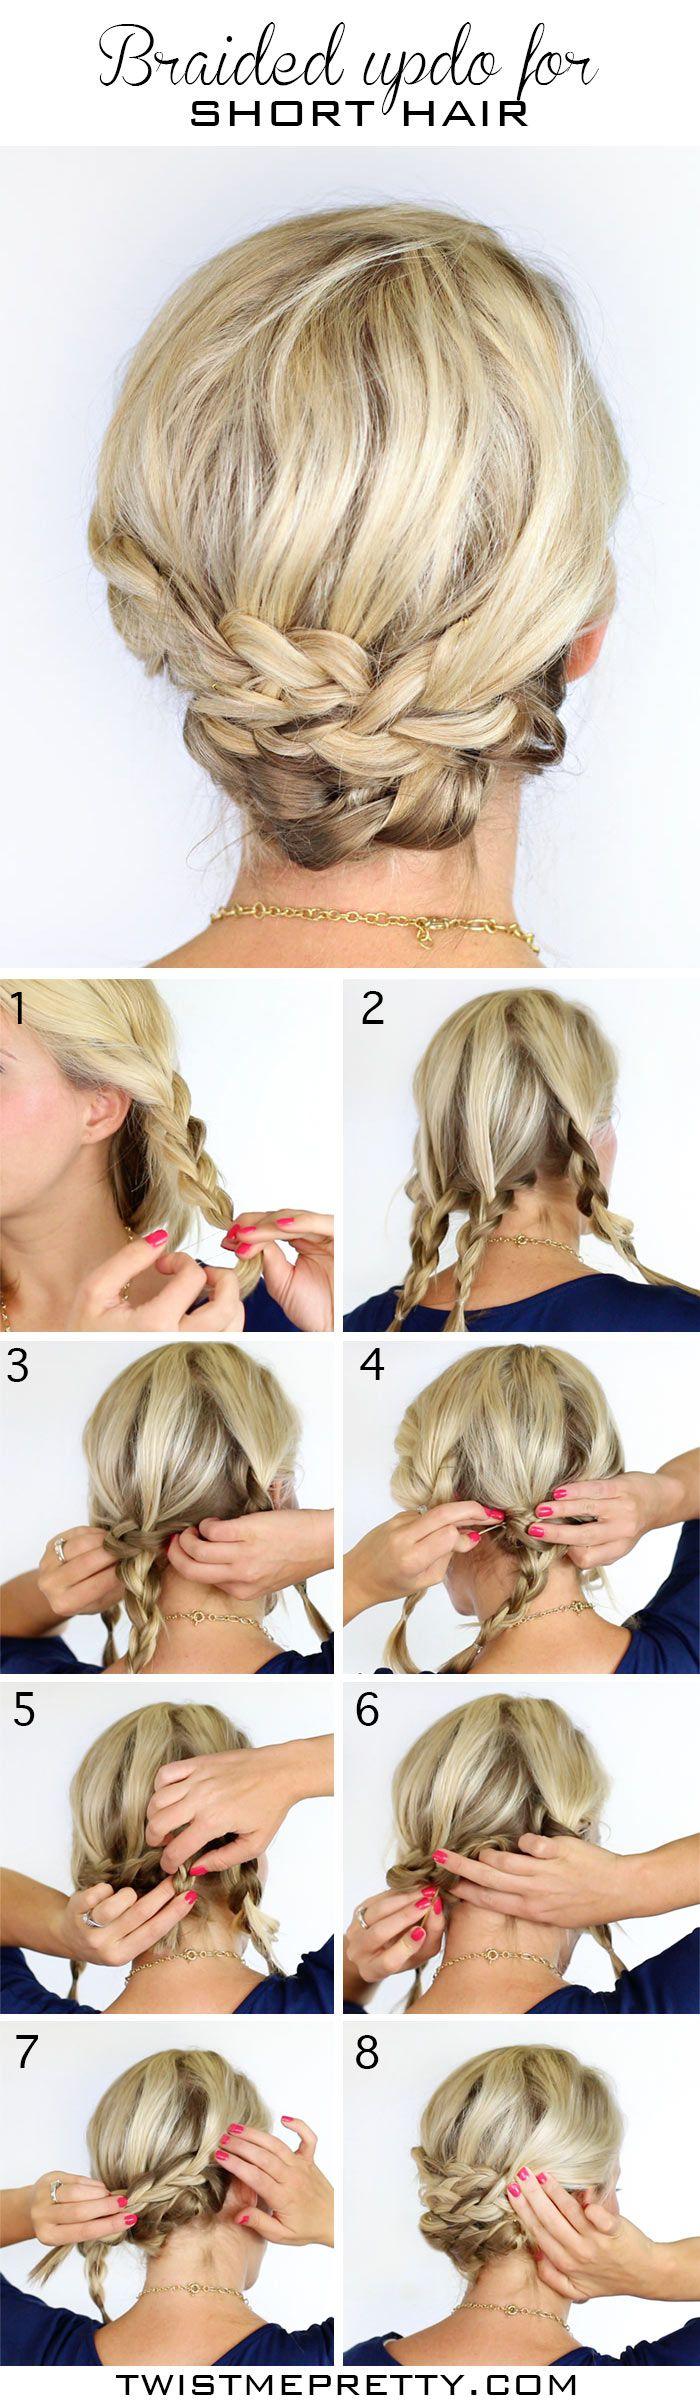 örgülü saç modelleri ve yapılışları (21)